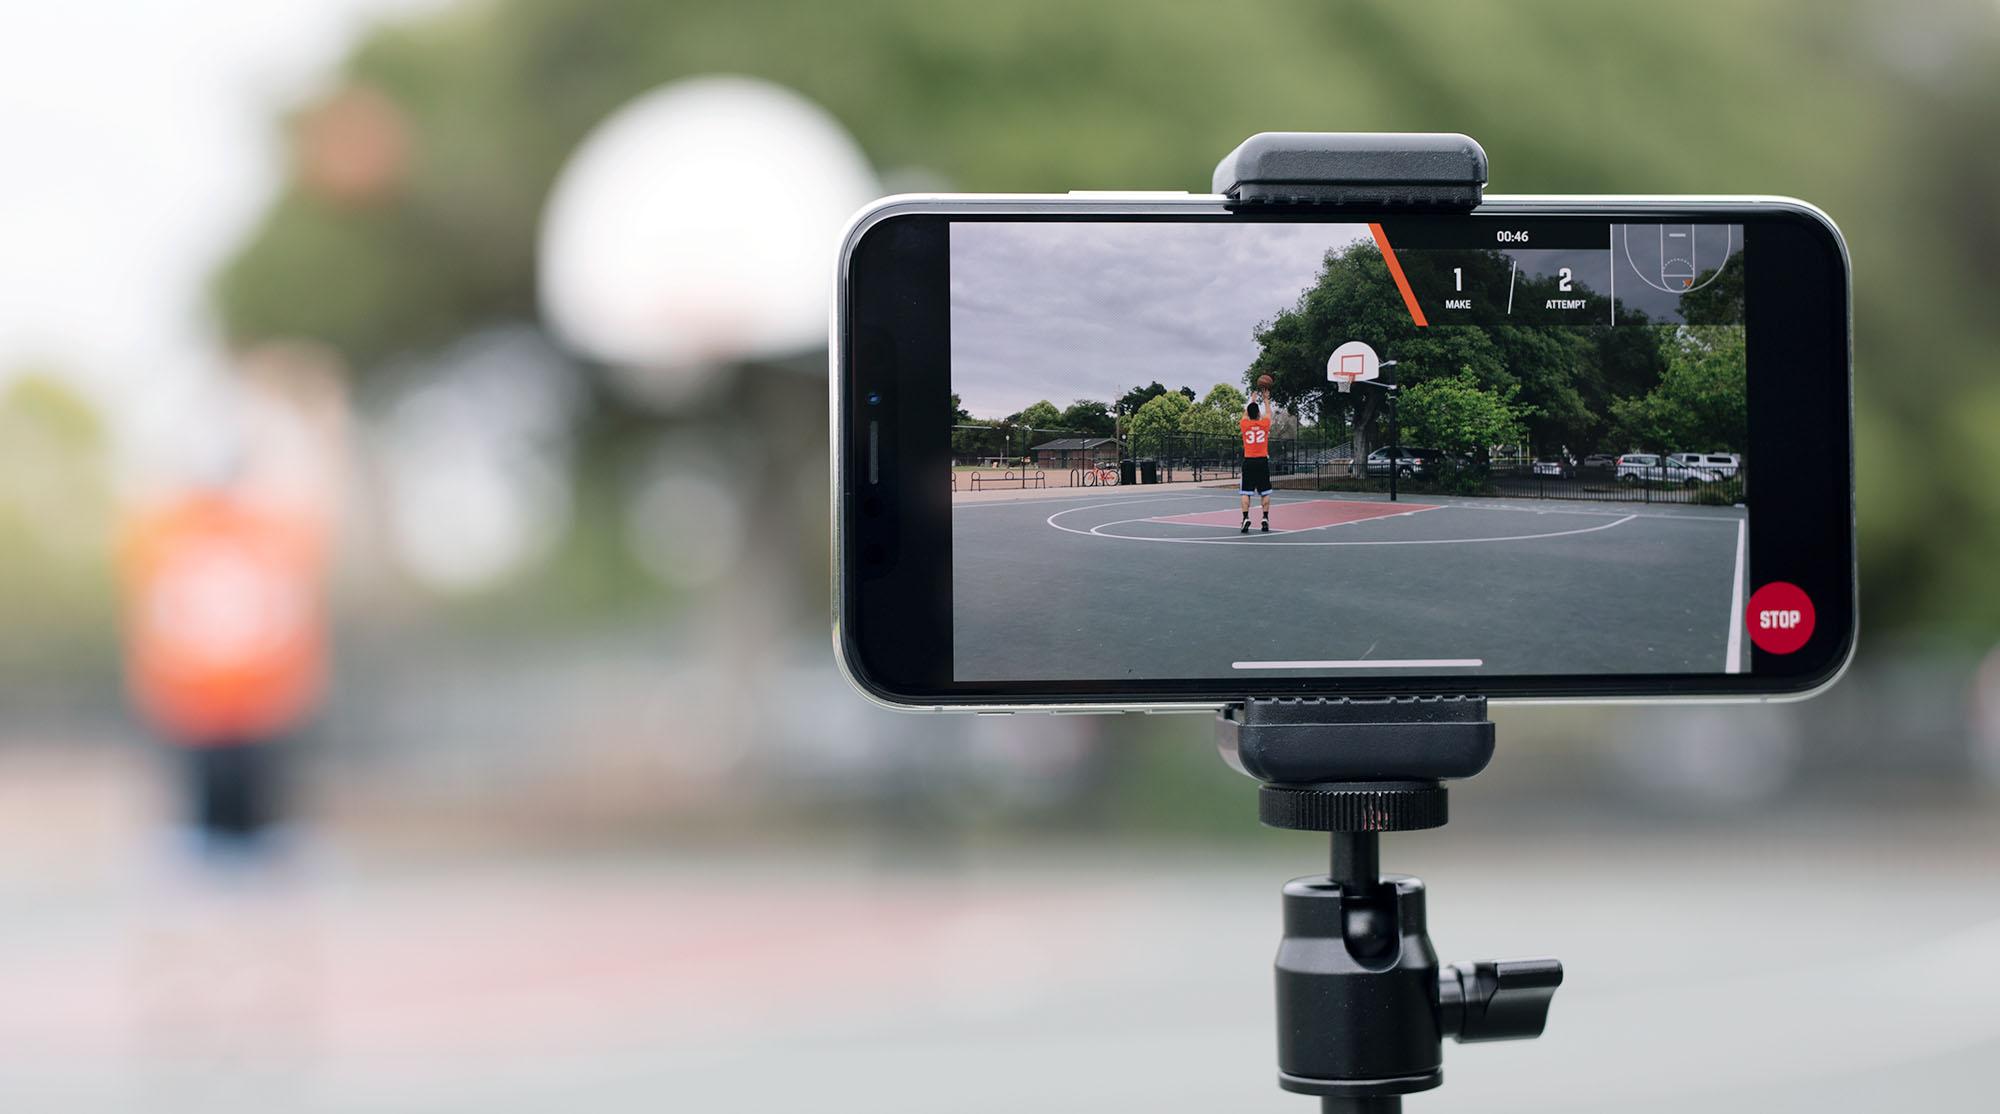 Ứng dụng thực tế ảo tăng cường (AR) của Steve Nash sẽ khiến các Fans bóng rổ phát cuồng mua iPhoneX